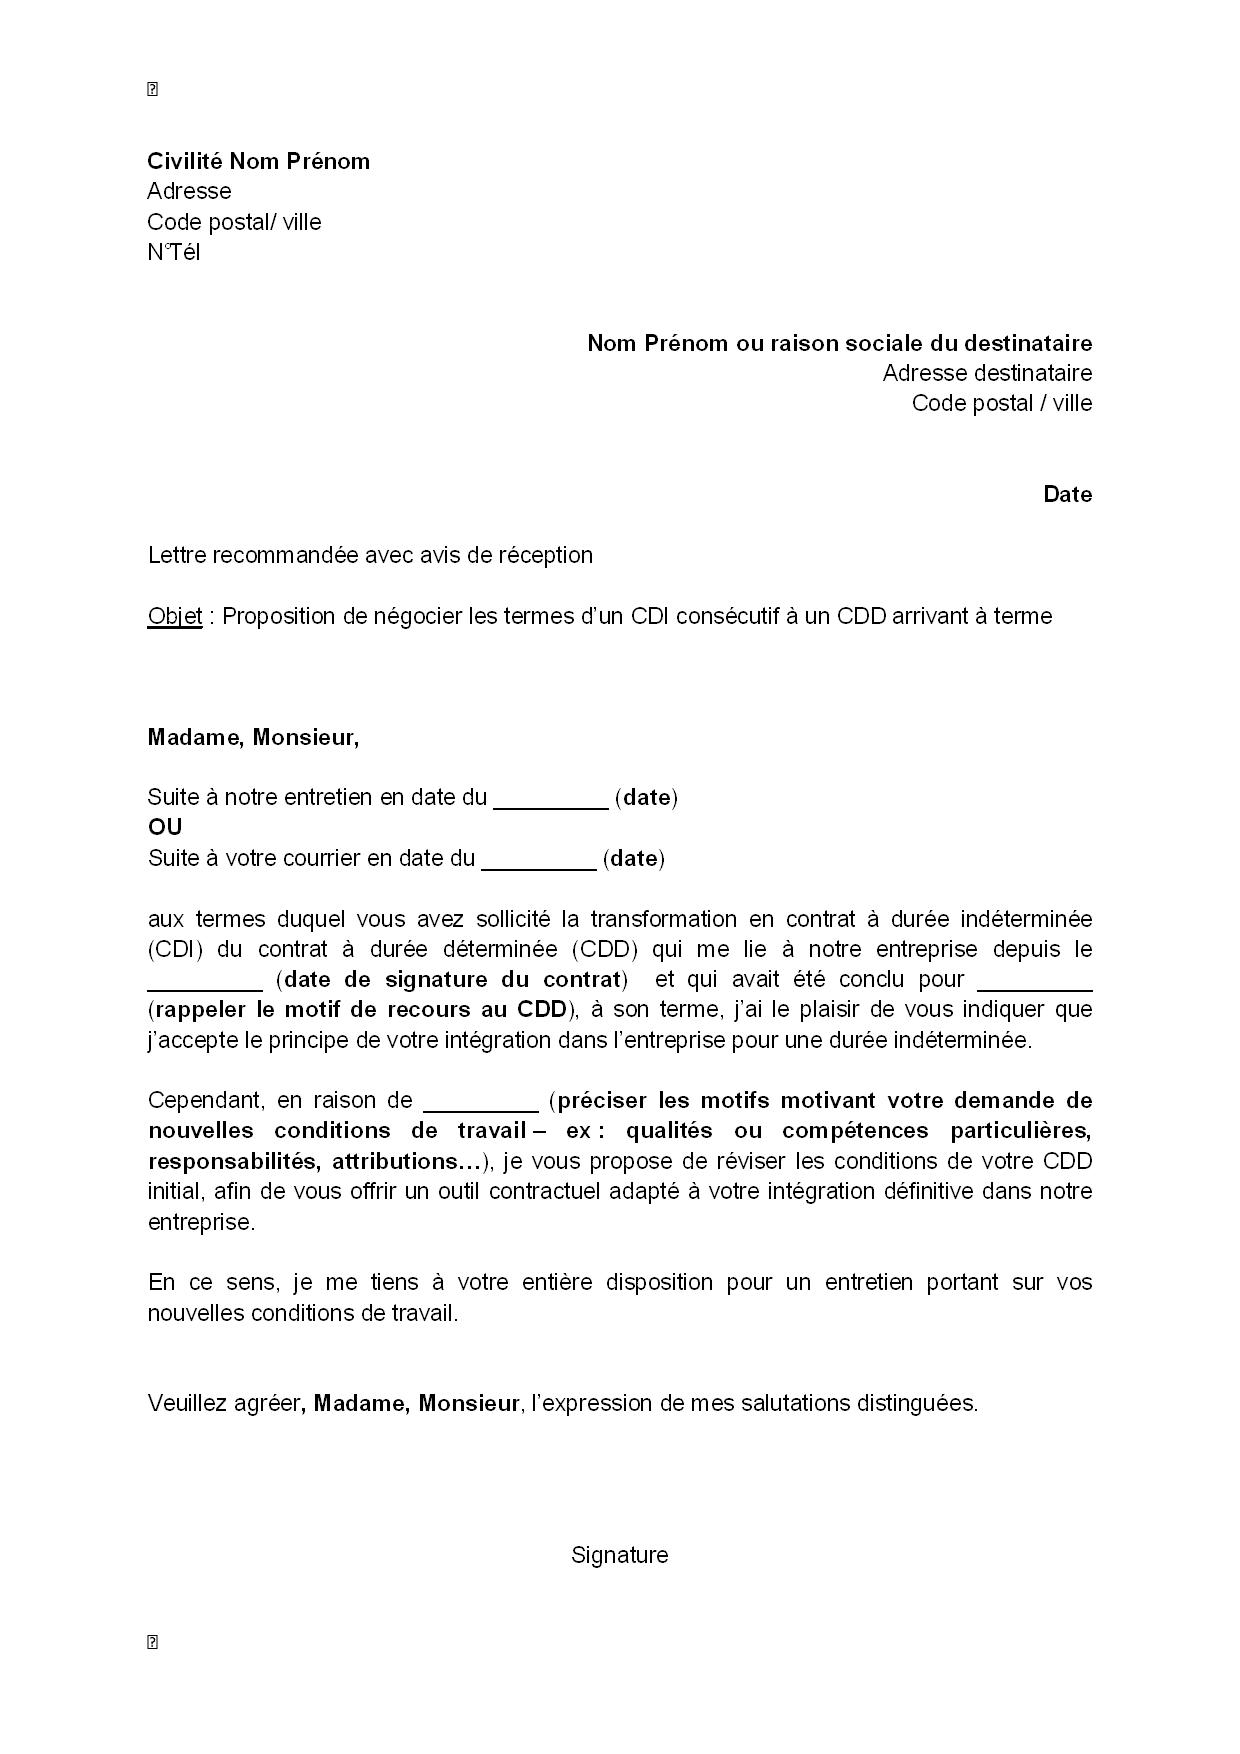 Lettre De Proposition De Négocier Les Termes Du Cdi Demandé